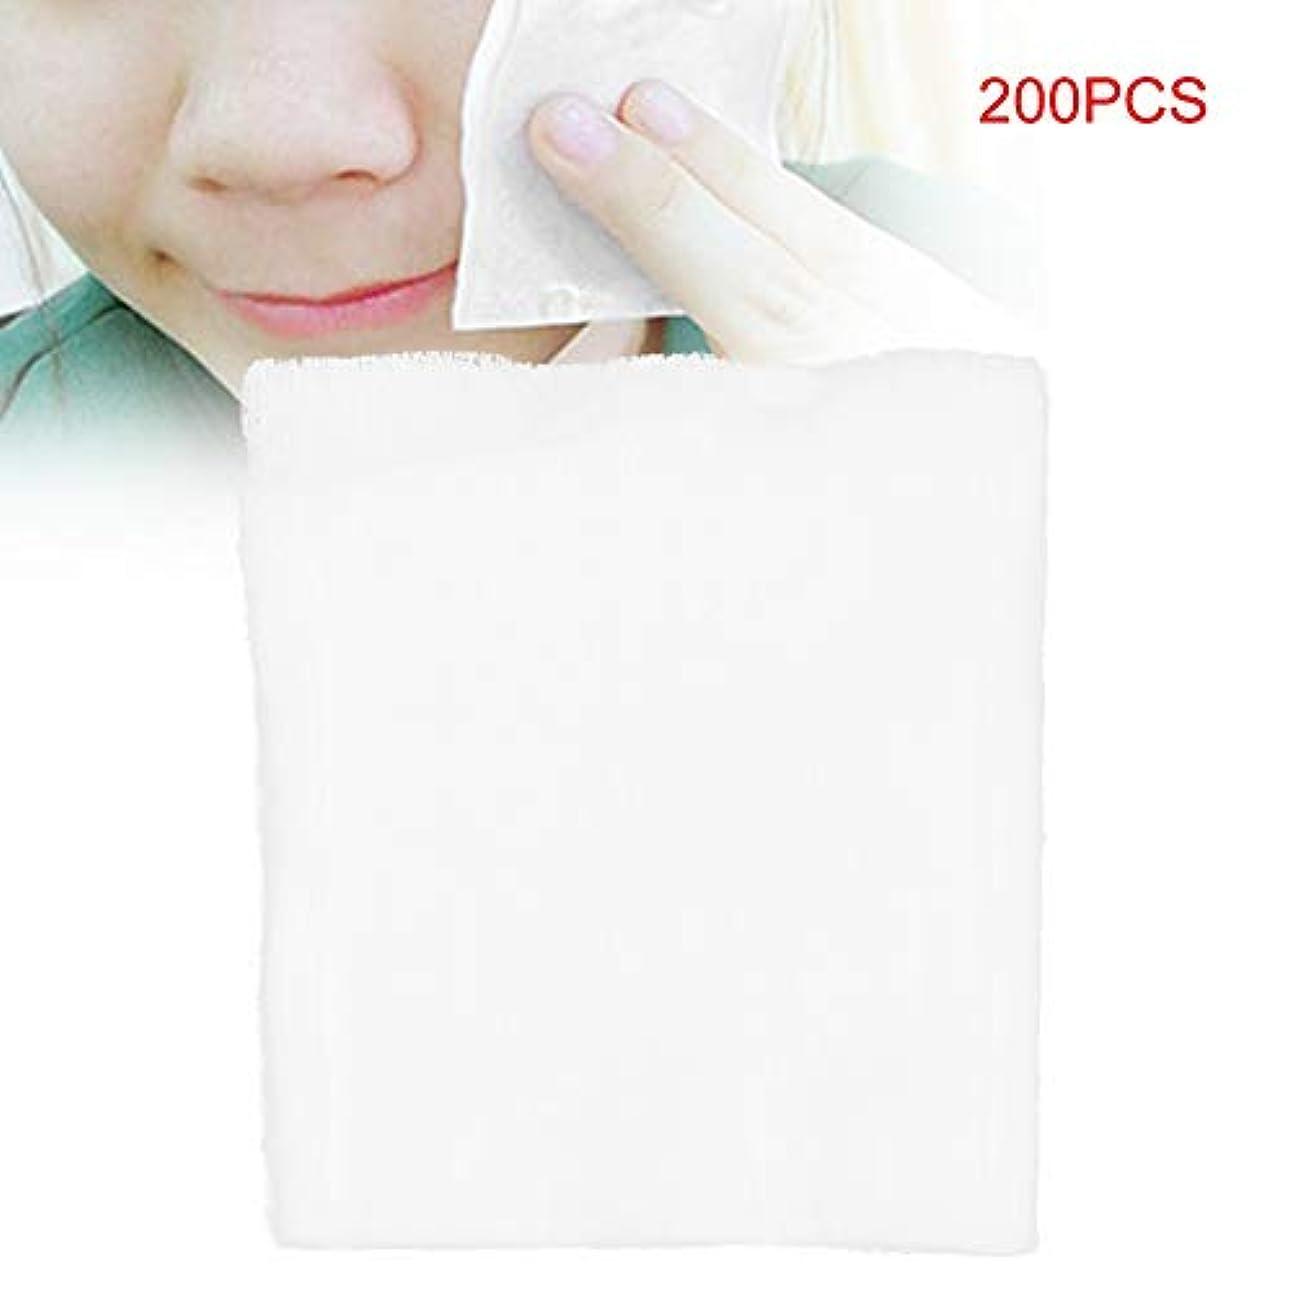 ブランクシンボル力強い化粧 タオル フェイスクレンジングパッド 化粧品 除去ツール 200個